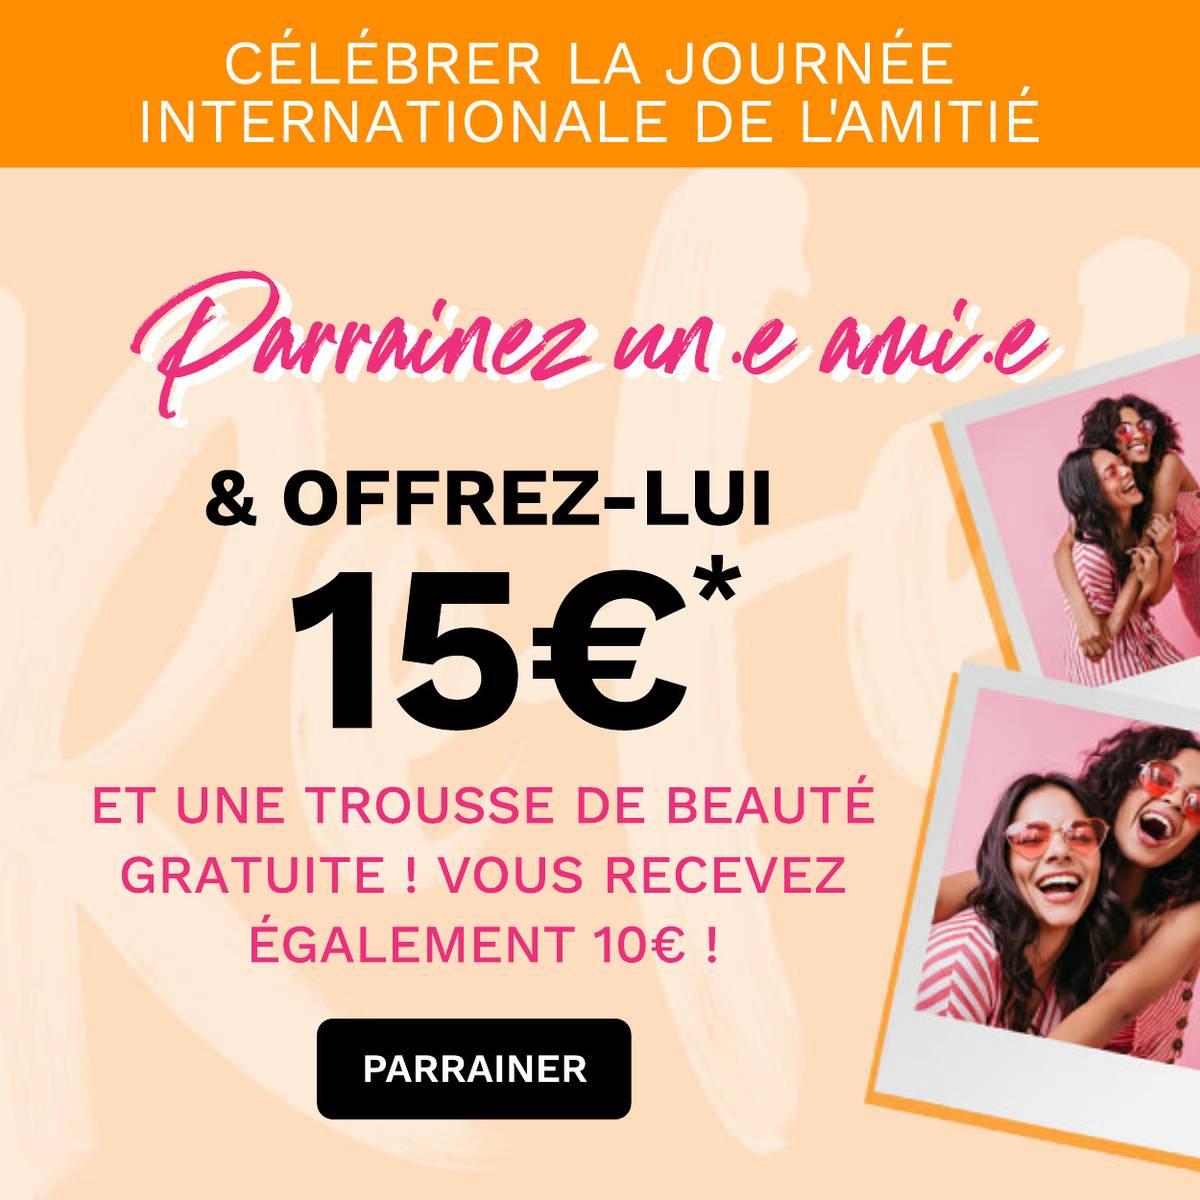 Recrutez un ami et offrez-lui une Beauty Box pour tout achat de 50€ ou plus !